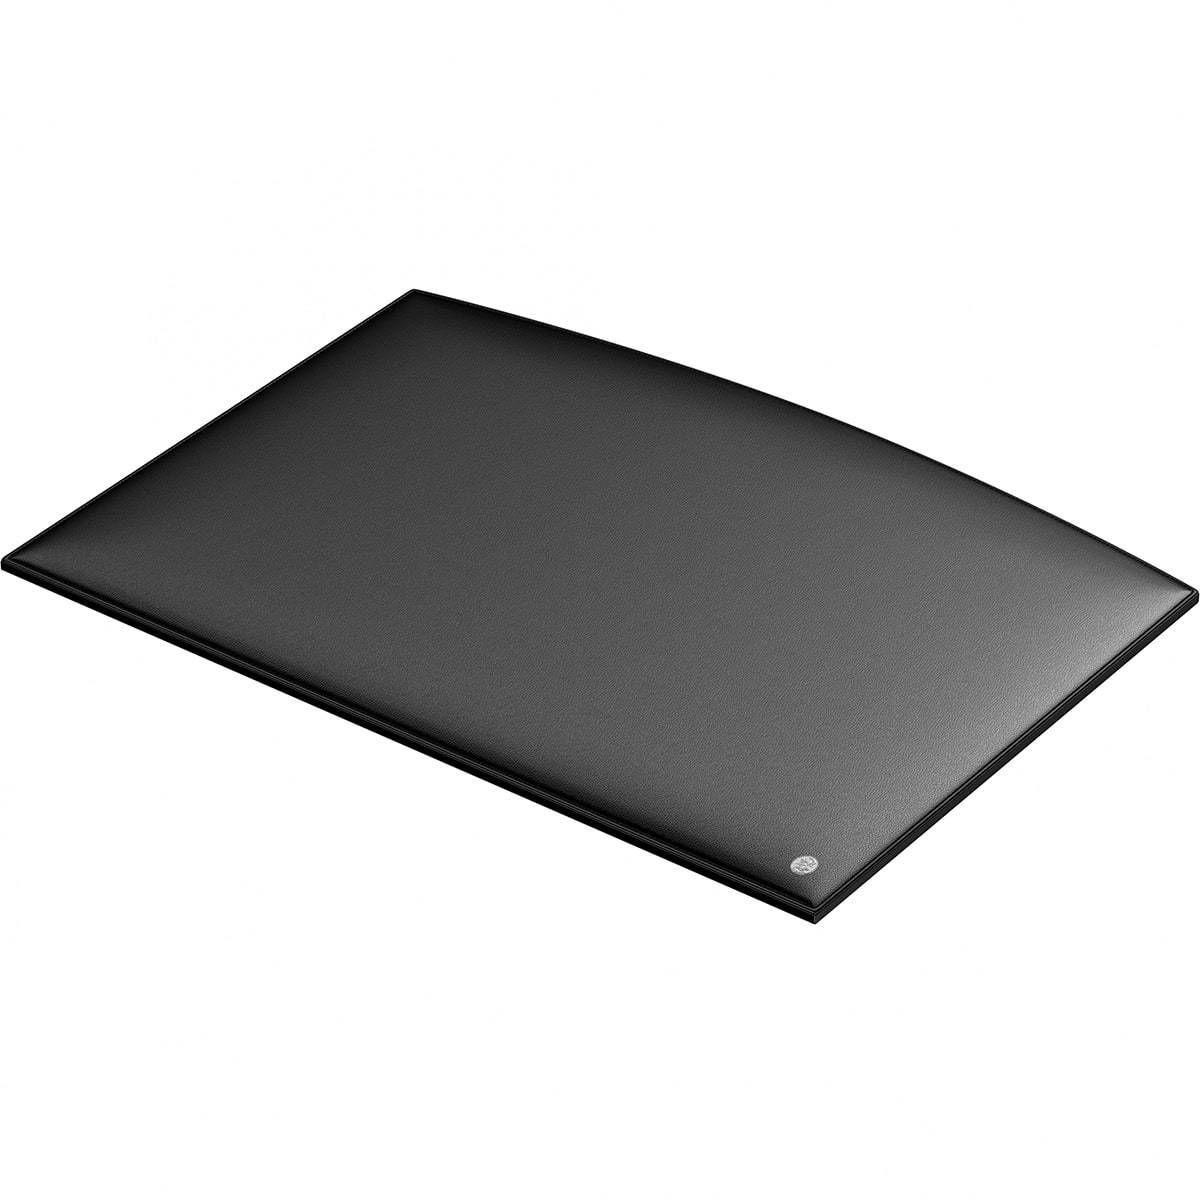 El Casco Schreibtischunterlage Kalbsleder Schwarz In 2021 Schreibtischunterlage Schreibtischauflage Leder